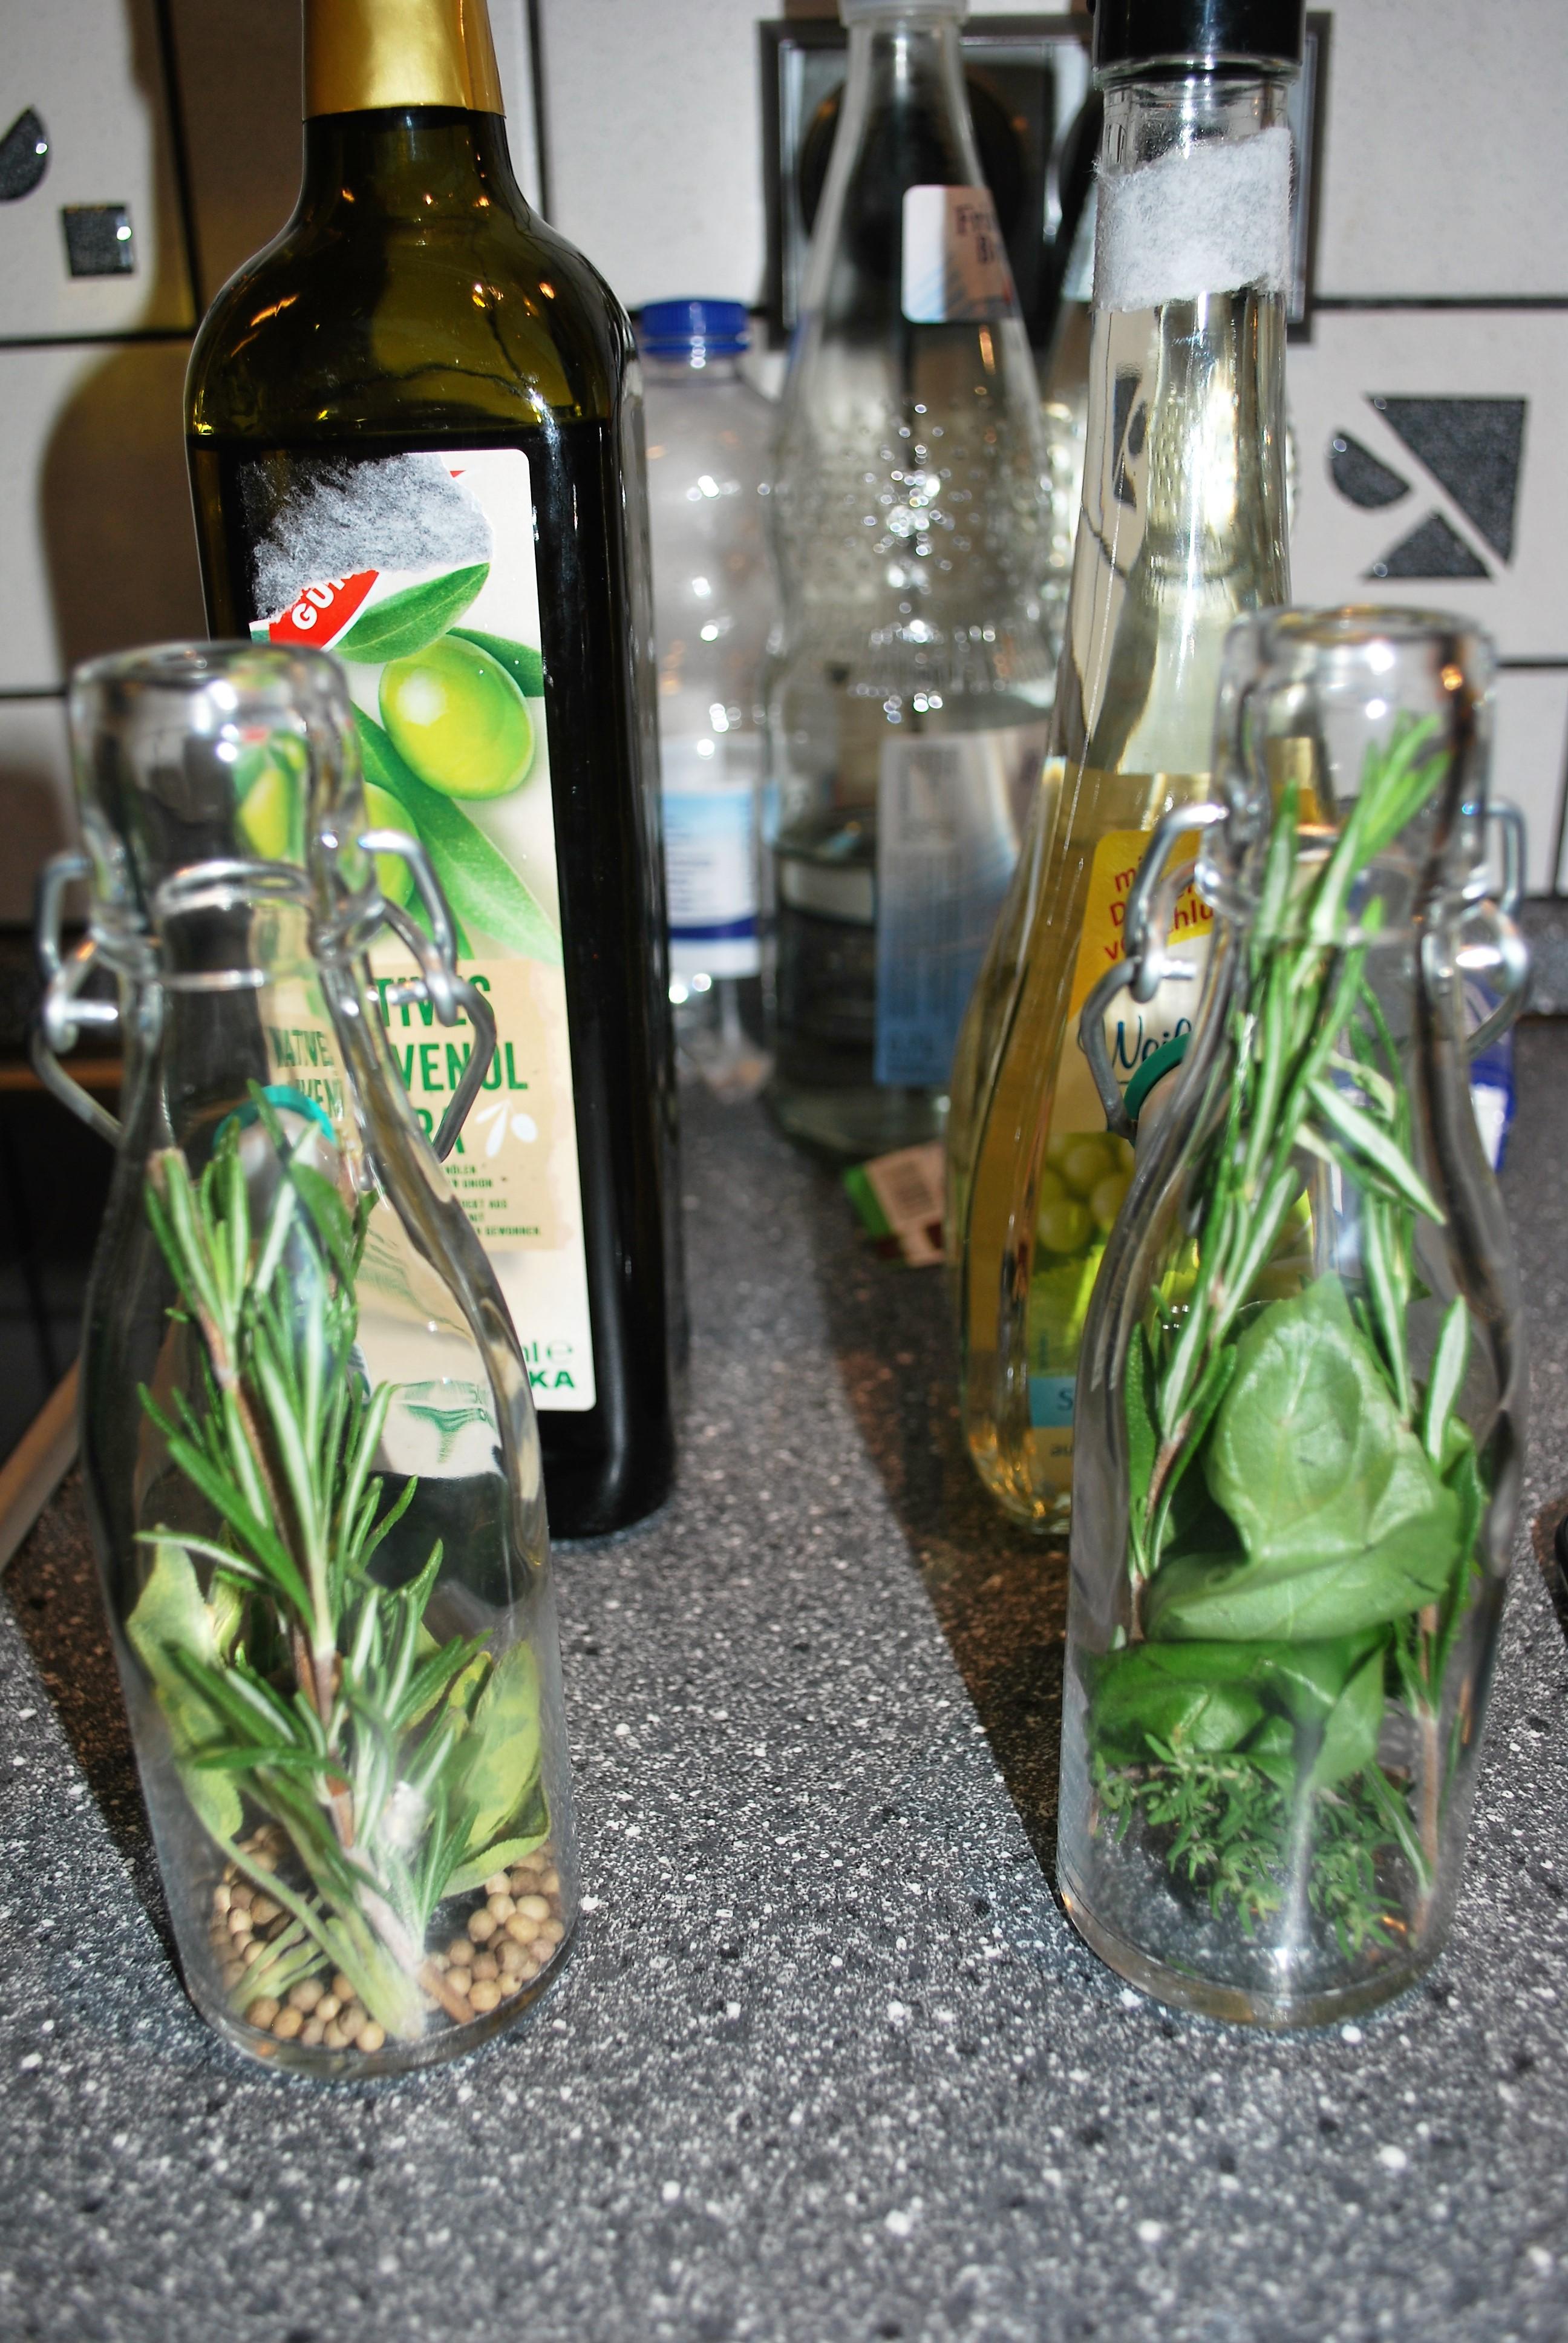 Kräuter in den Flaschen